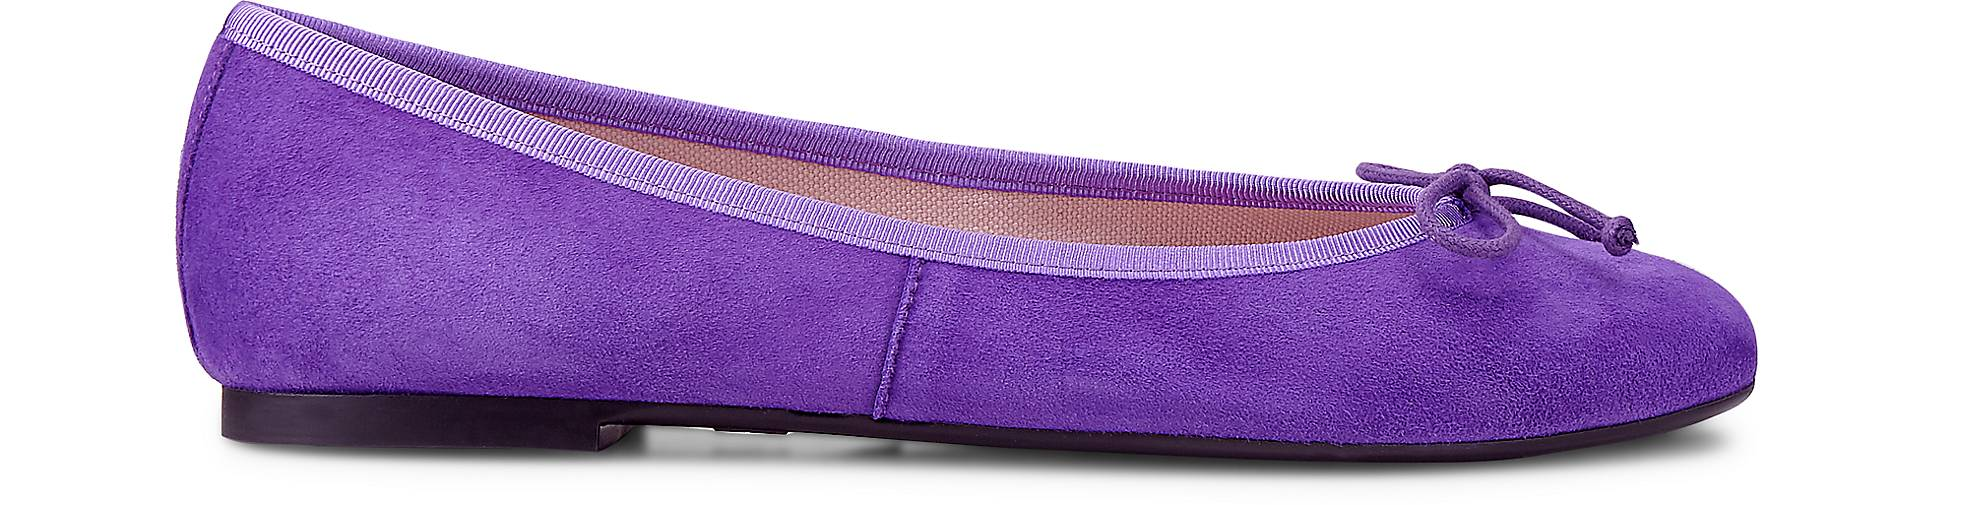 Pretty Ballerinas Trend-Ballerina in | lila-dunkel kaufen - 47722101 | in GÖRTZ Gute Qualität beliebte Schuhe e00899